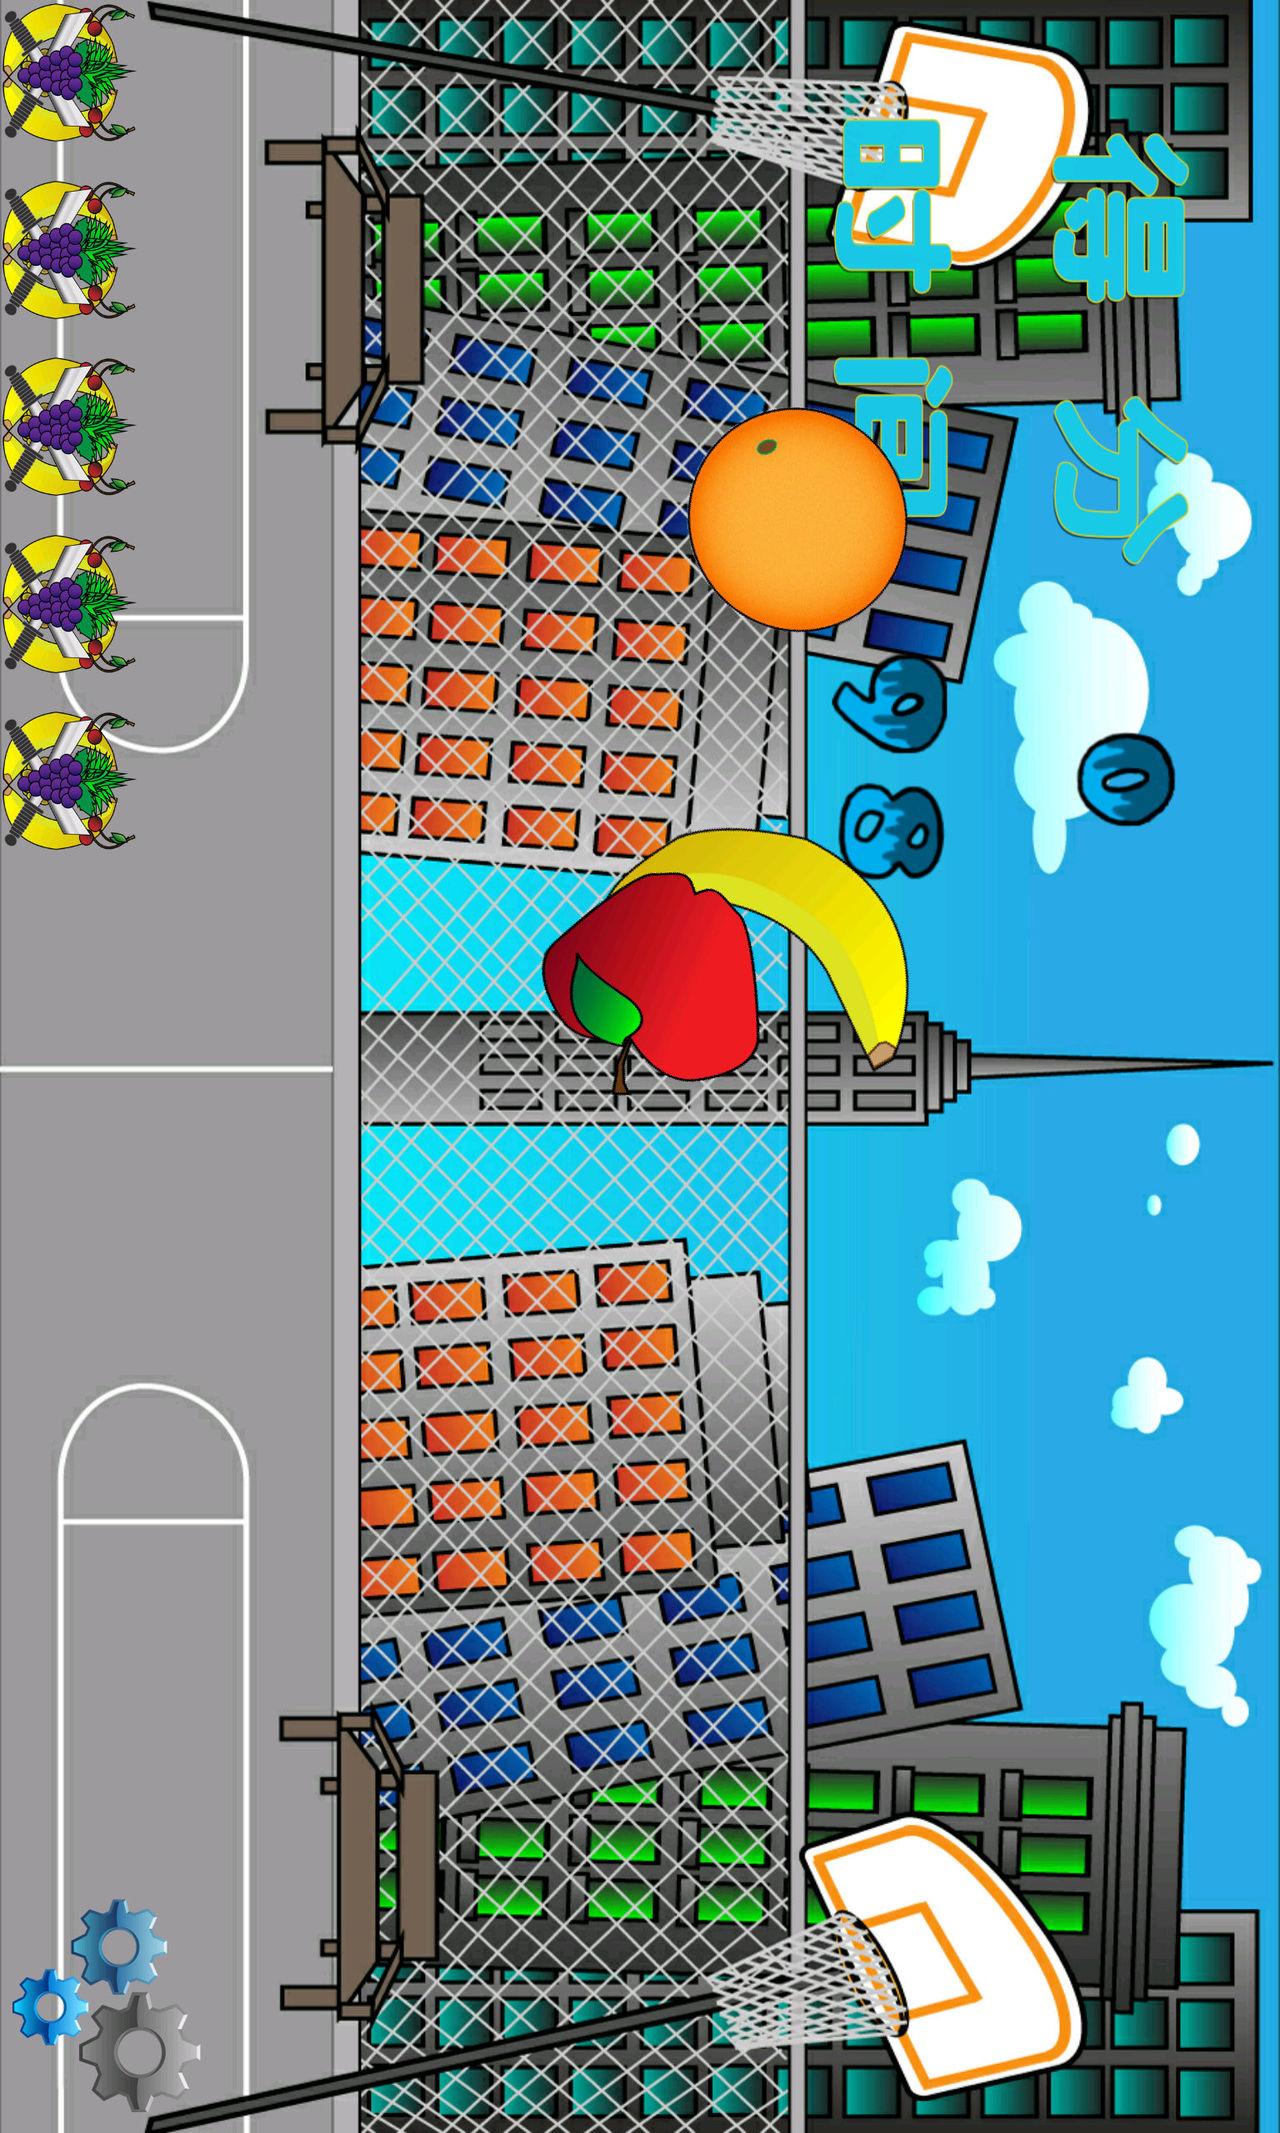 疯狂切水果游戏-应用截图